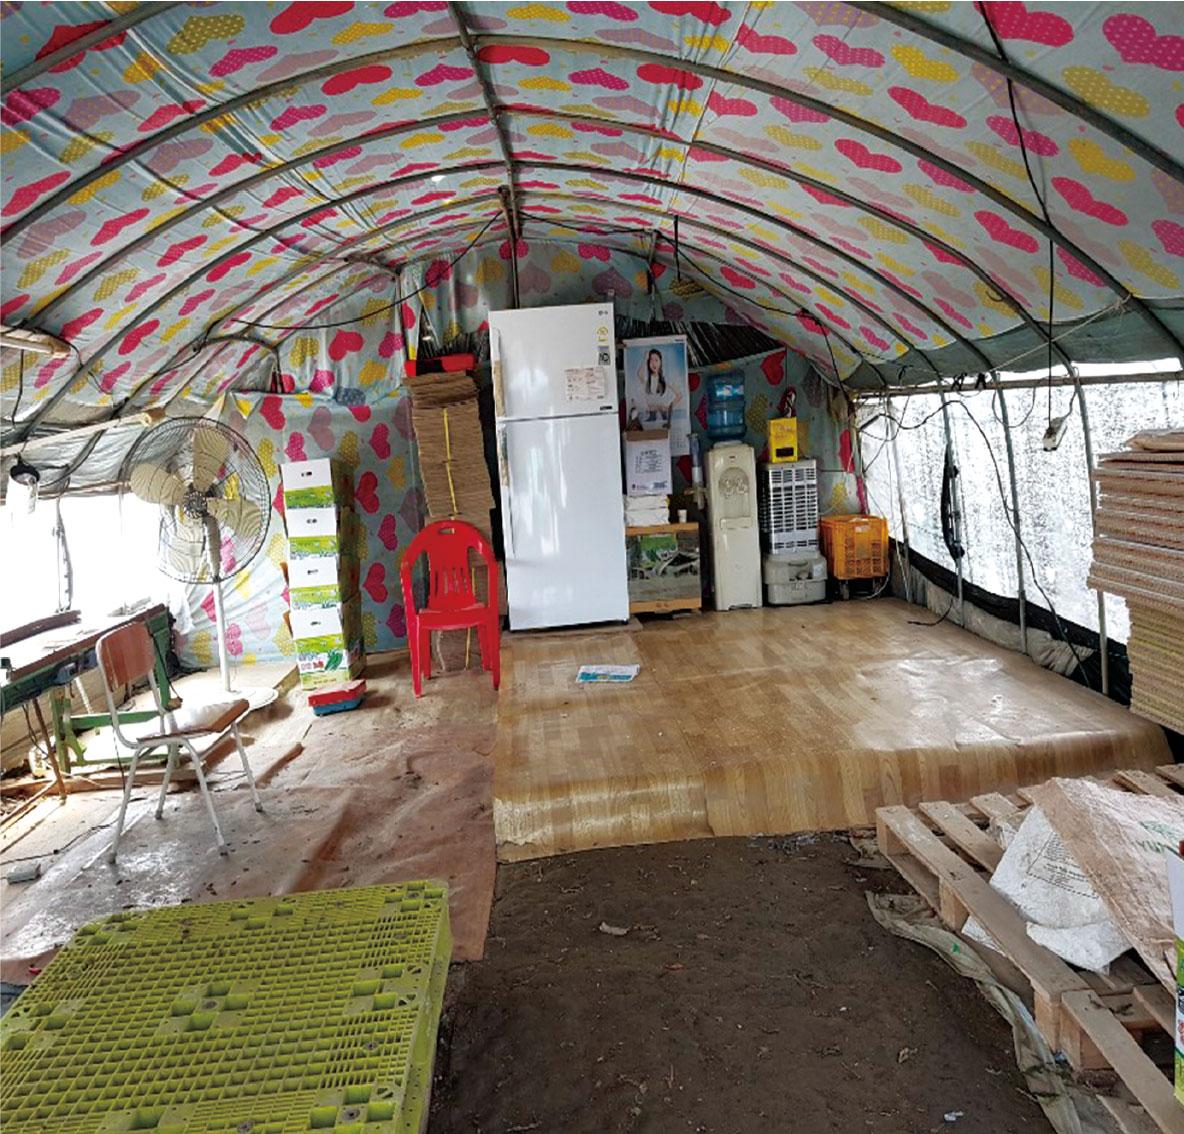 비닐하우스 숙소 안 사진입니다. 불퉁불퉁한 나무 판자 위에 장판이 깔린 것이 바닥에 있고, 농산품을 포장하는 상자 뿐만 아니라 대형선풍기 등이 쌓여 있어 창고처럼 보이는 사진입니다.